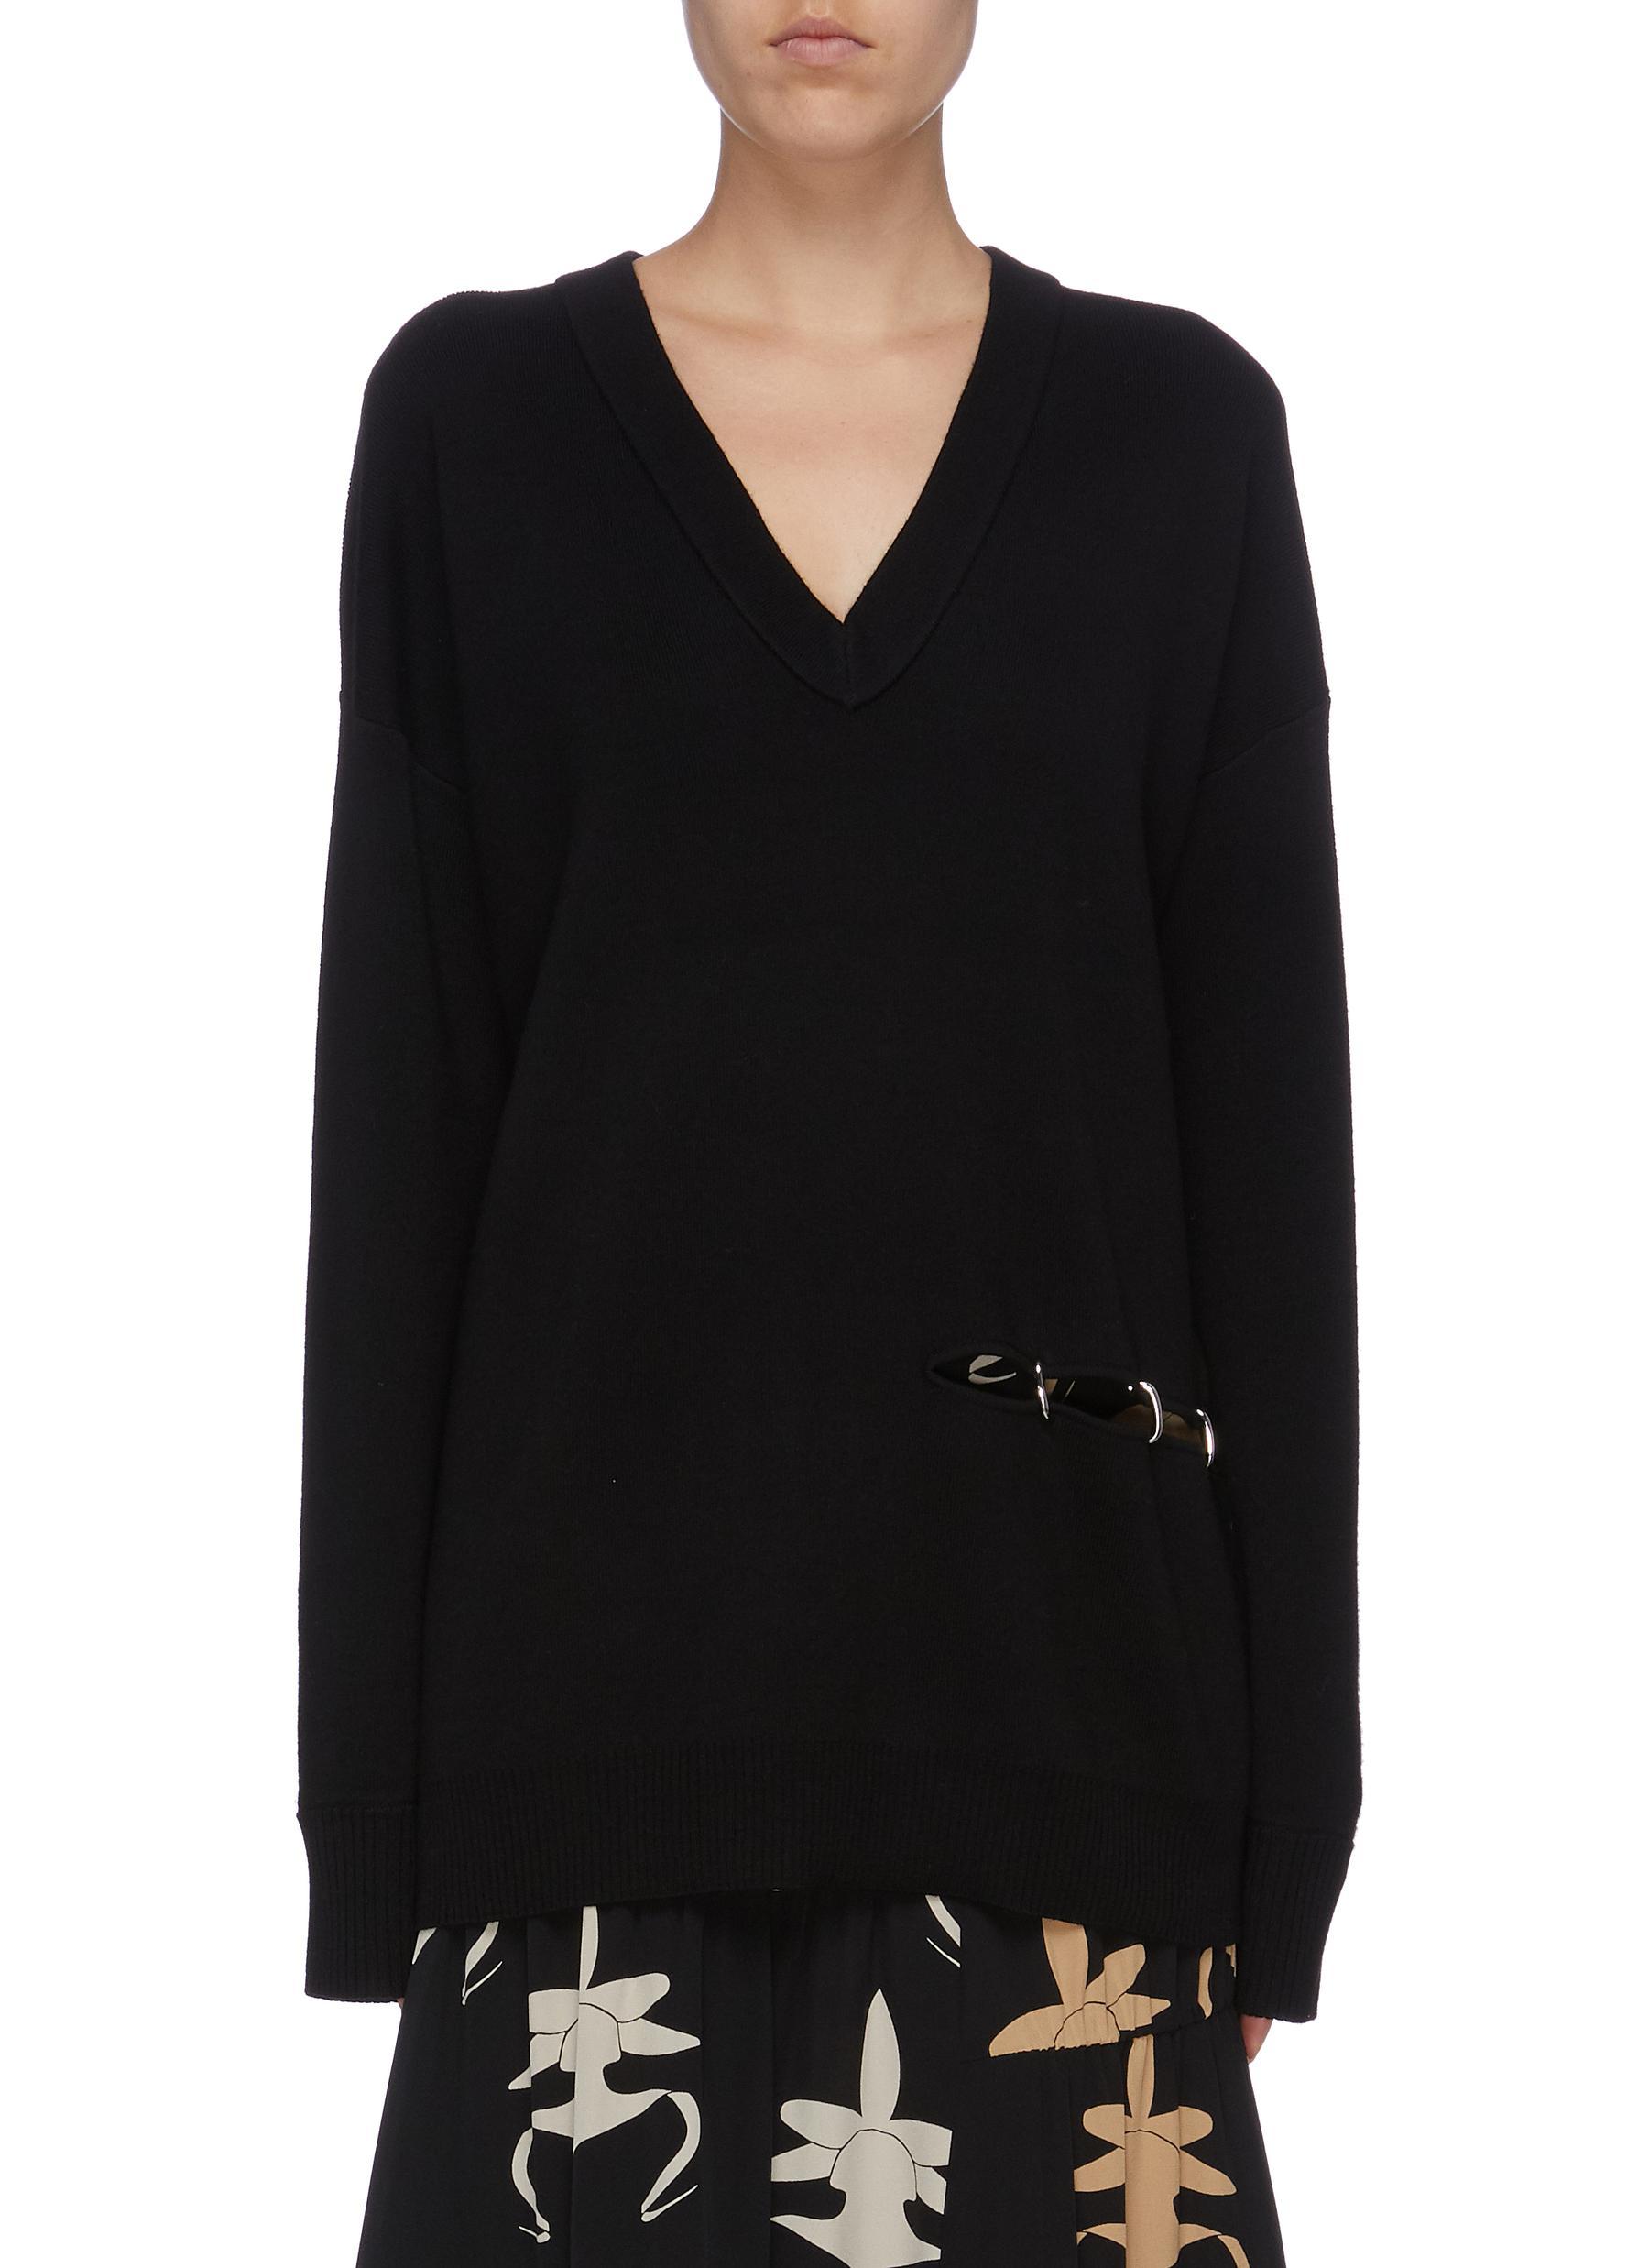 Split side wool tunic sweater by Tibi